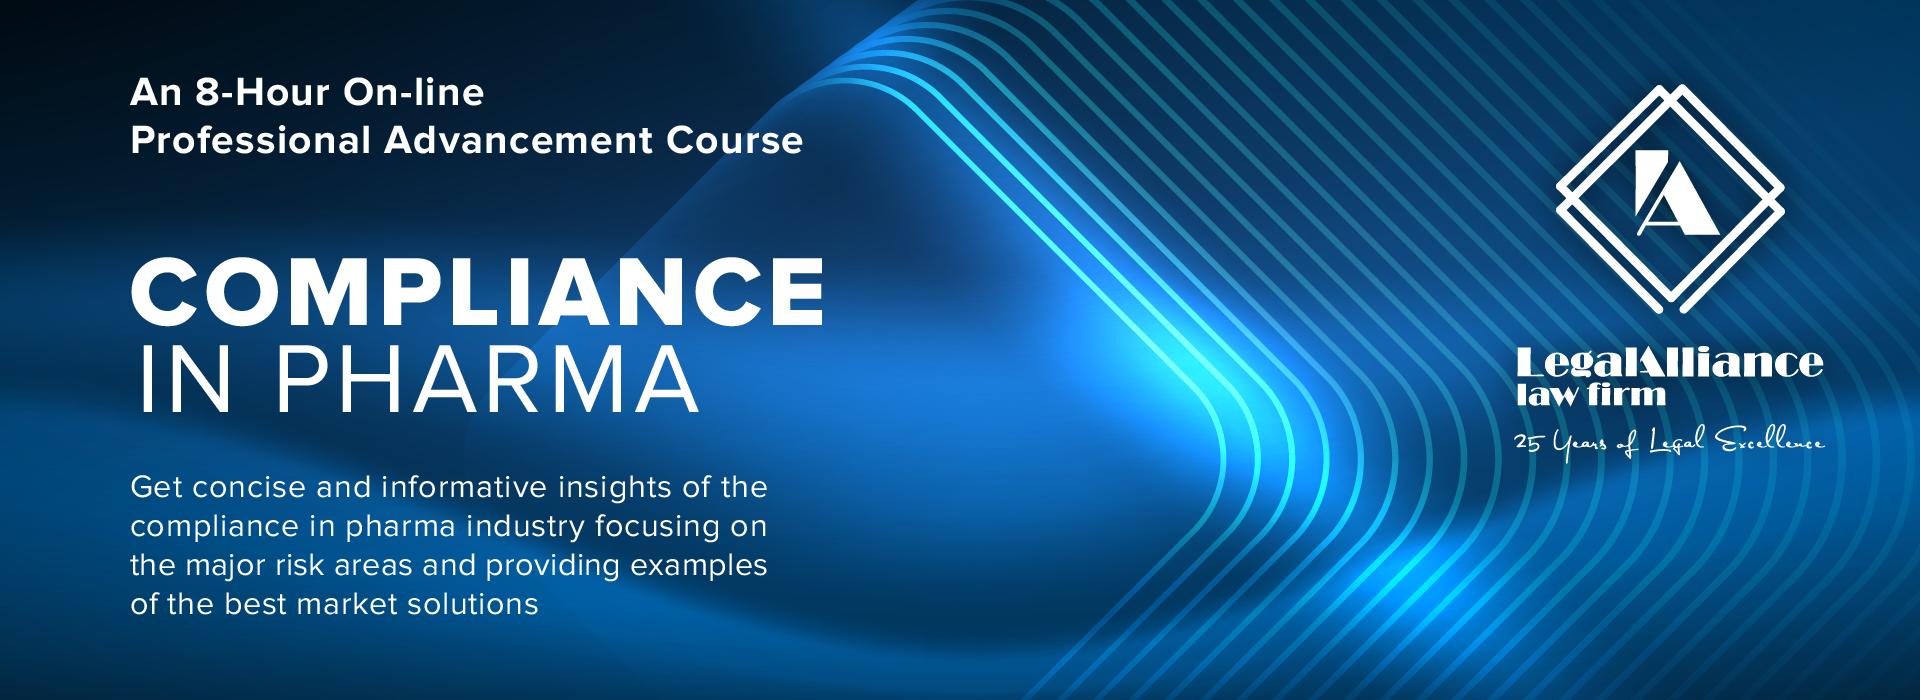 Online Professional Advancement Course